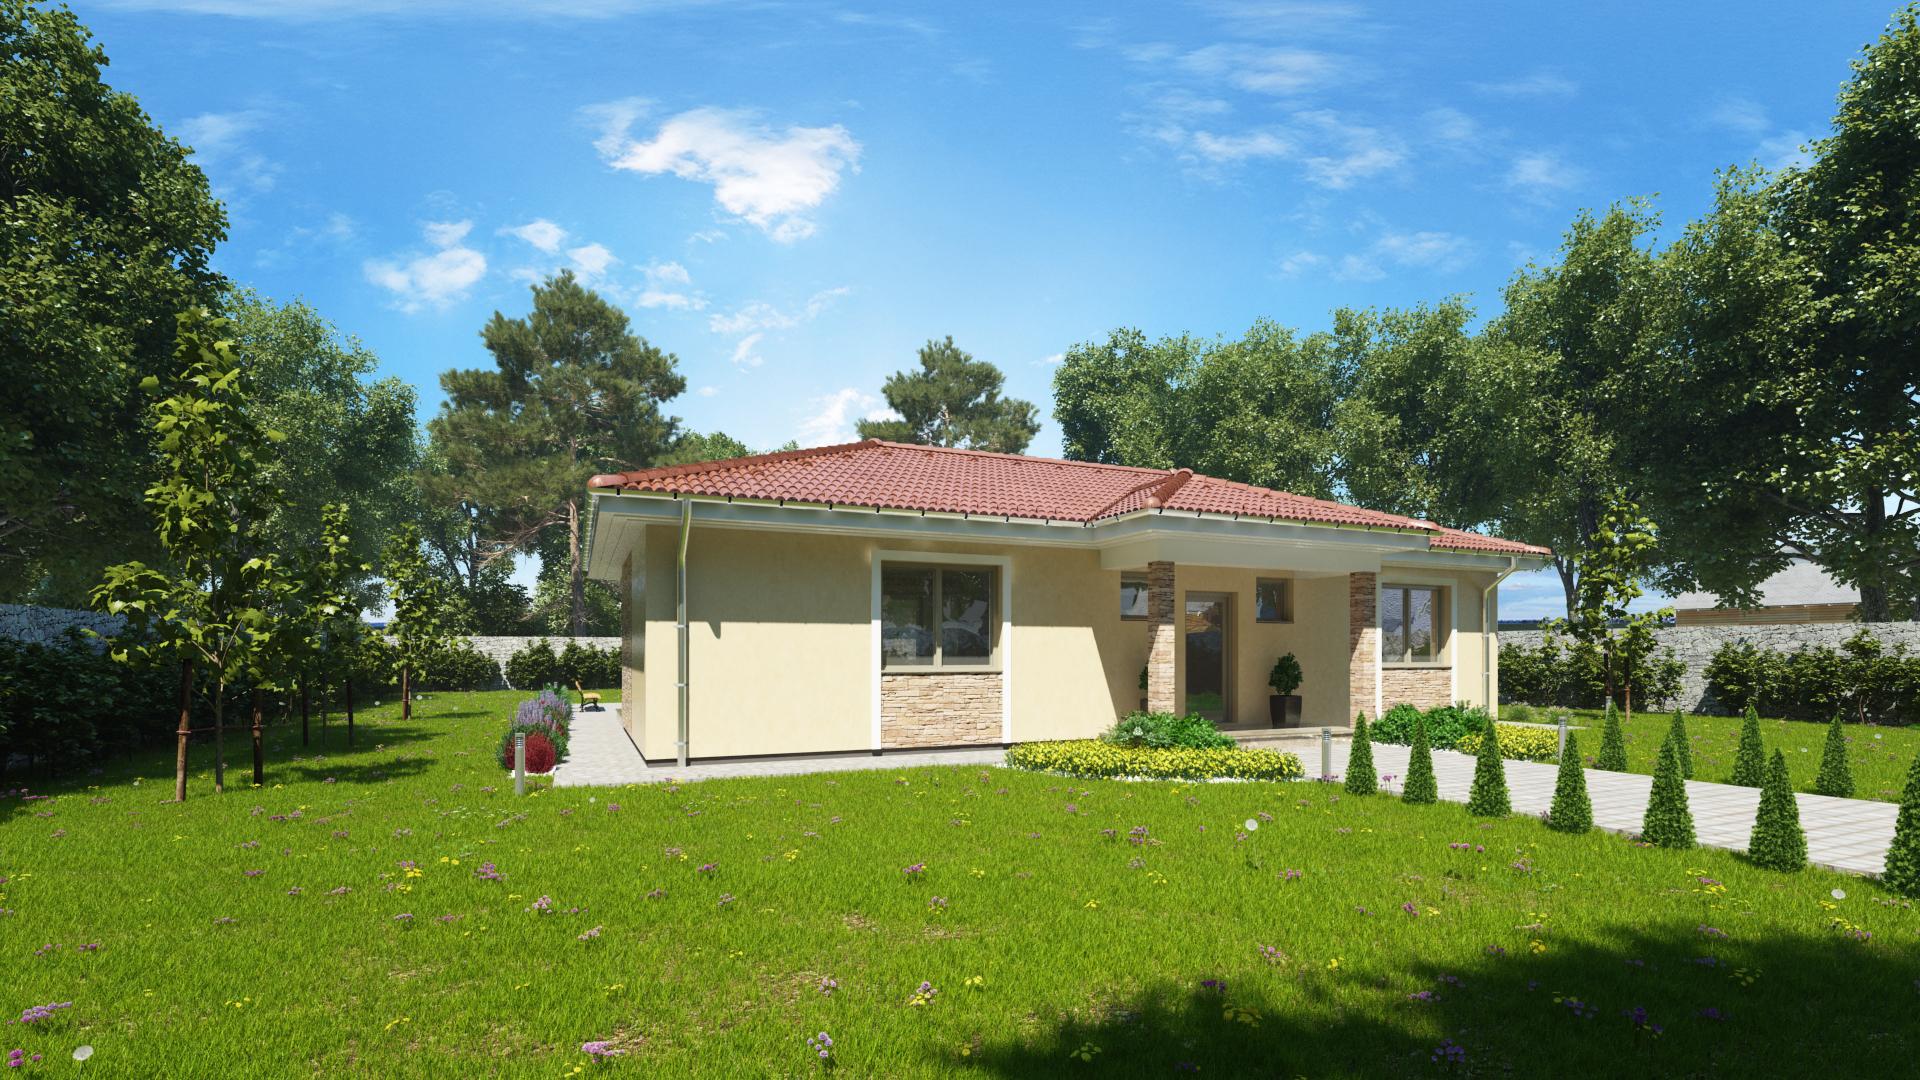 Projekt bungalovu MAJA 1 - vchod do domu